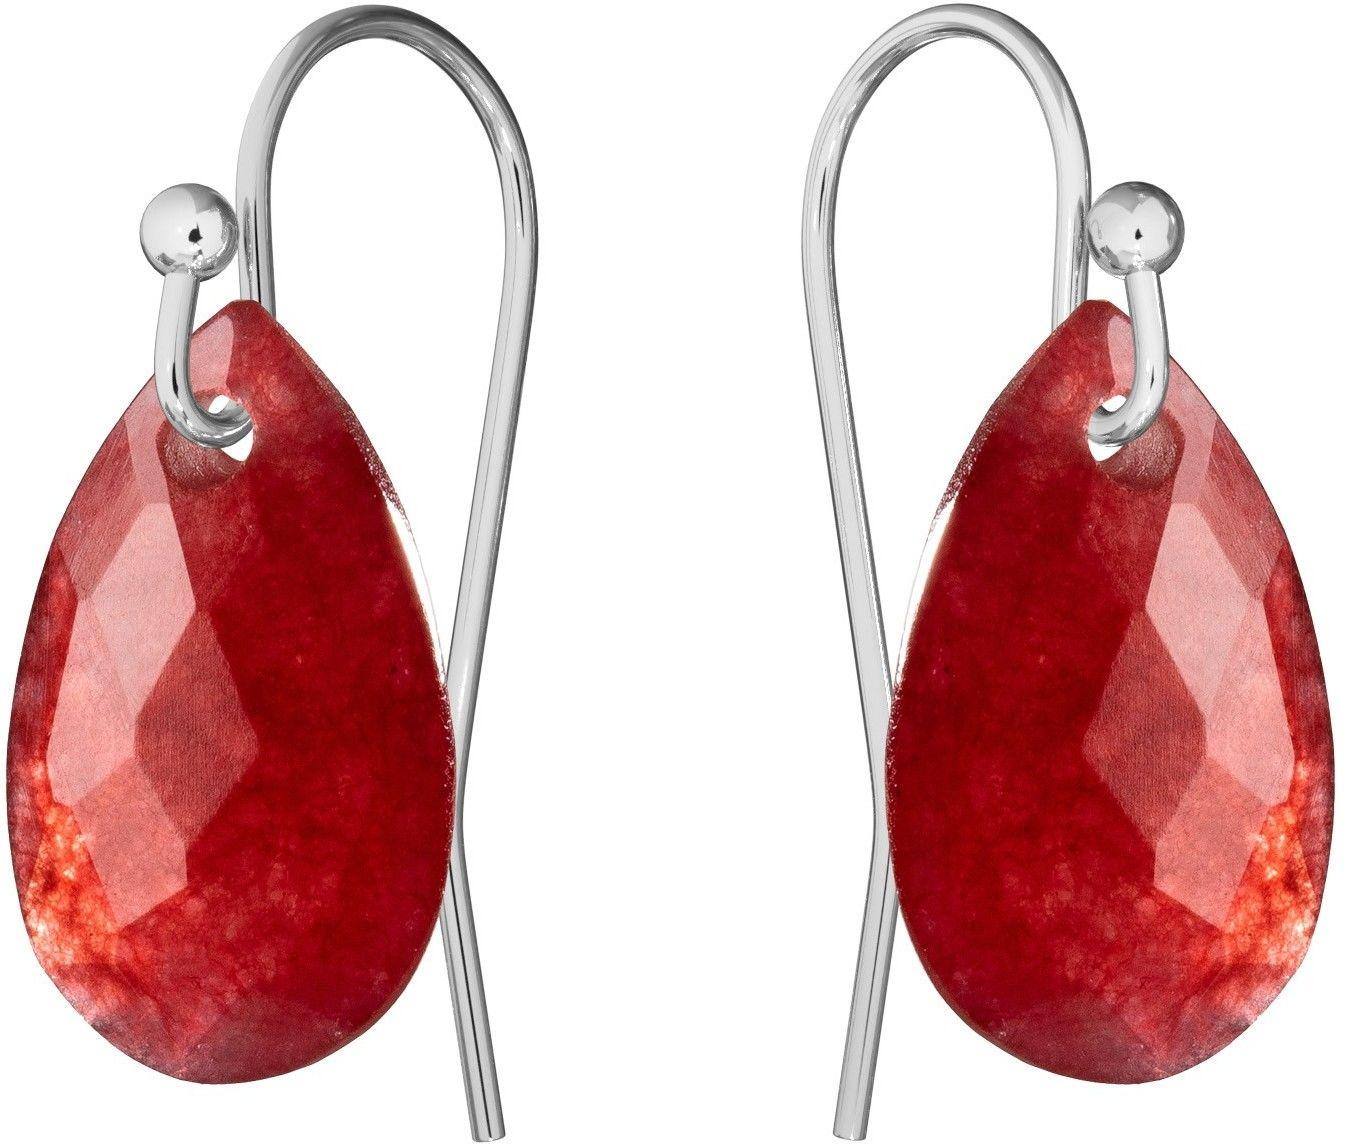 Delikatne kolczyki z naturalnym kamieniem Gavbari, srebro 925 : Kamienie naturalne - kolor - jadeit czerwony, Srebro - kolor pokrycia - Pokrycie platyną